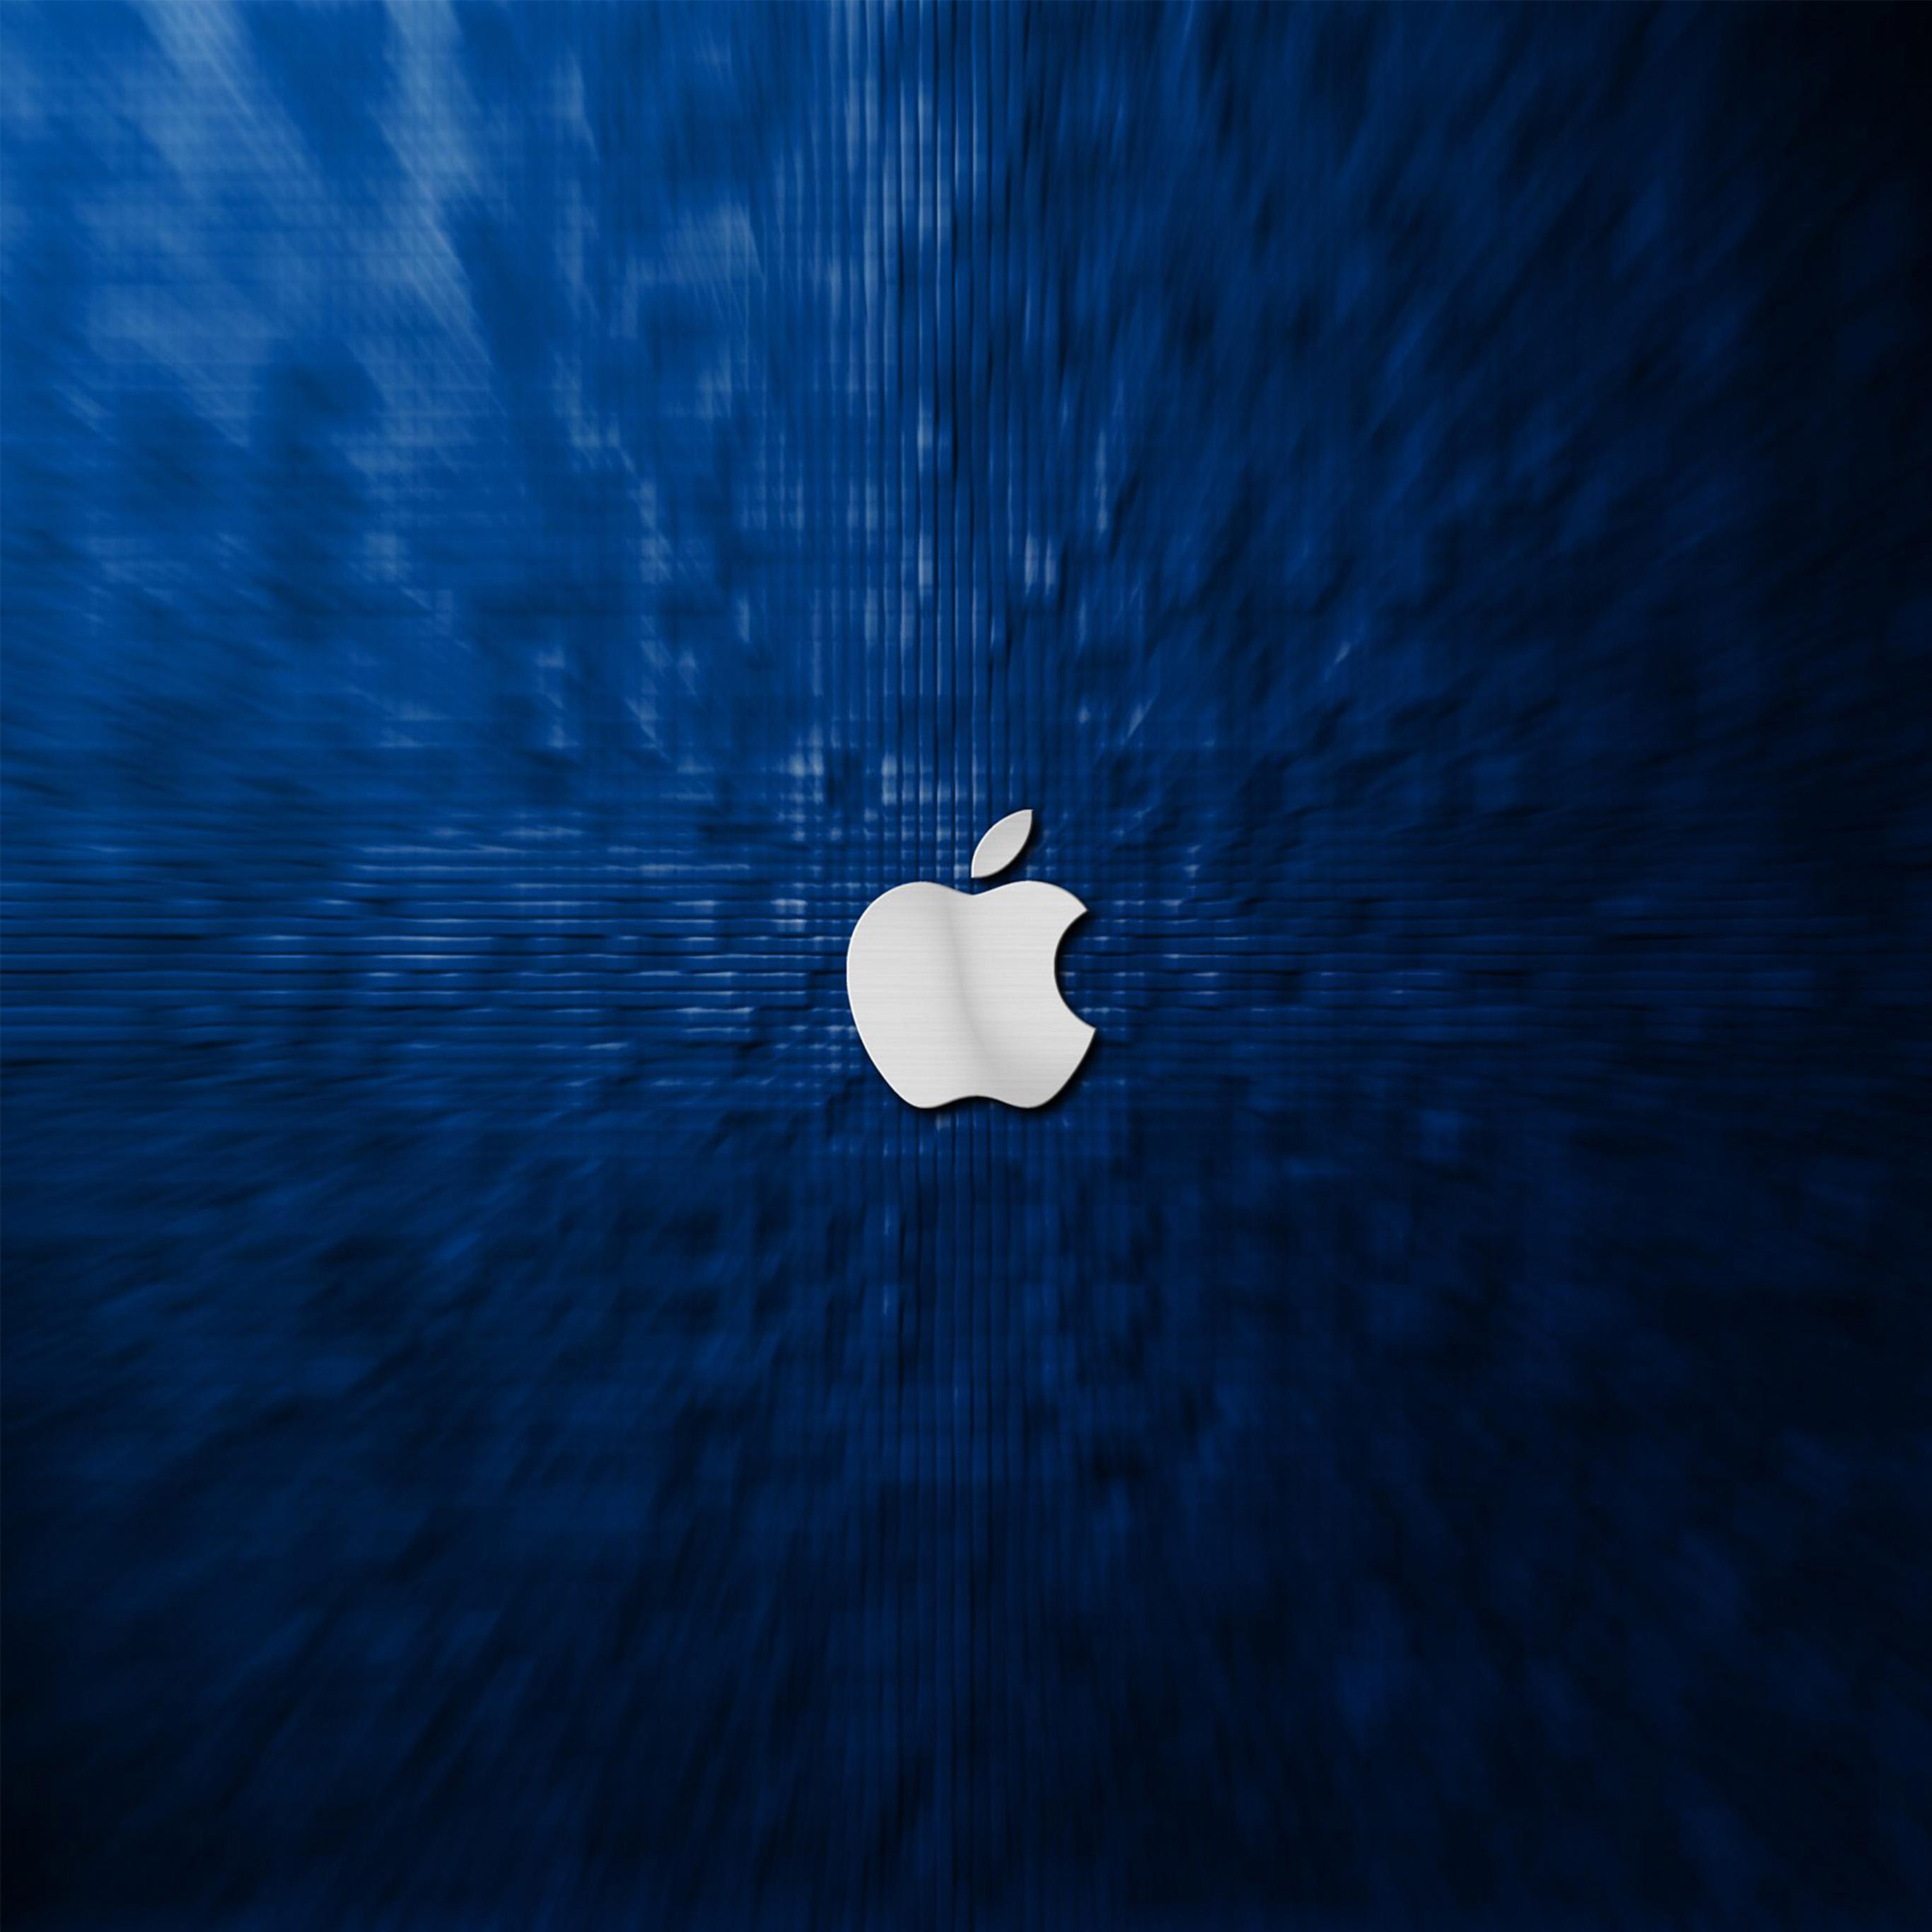 download 0026 freeios7com apple wallpaper apple matrix ipad 2732x2732